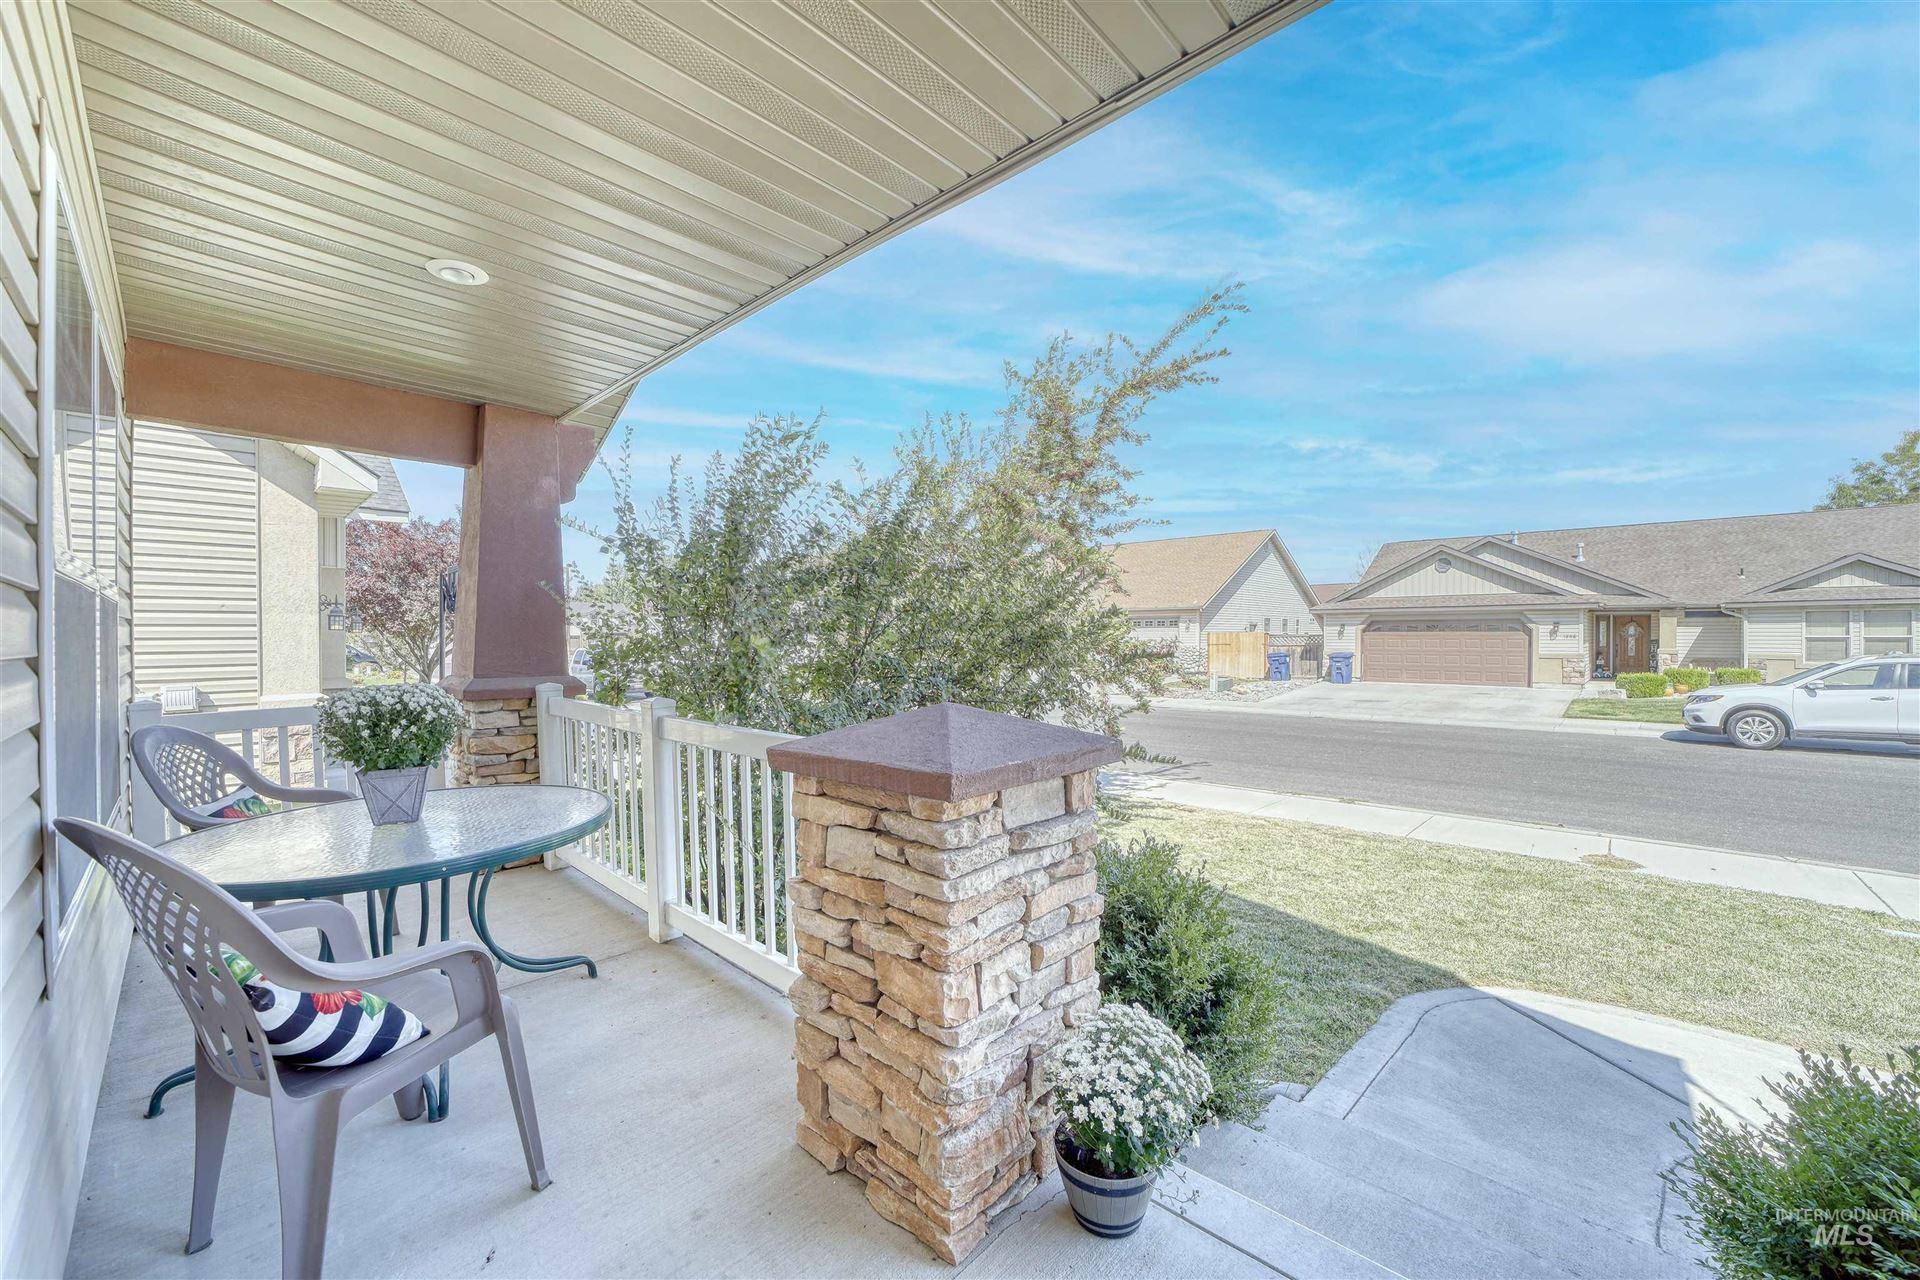 Photo of 1205 Knoll Ridge, Twin Falls, ID 83301 (MLS # 98819146)